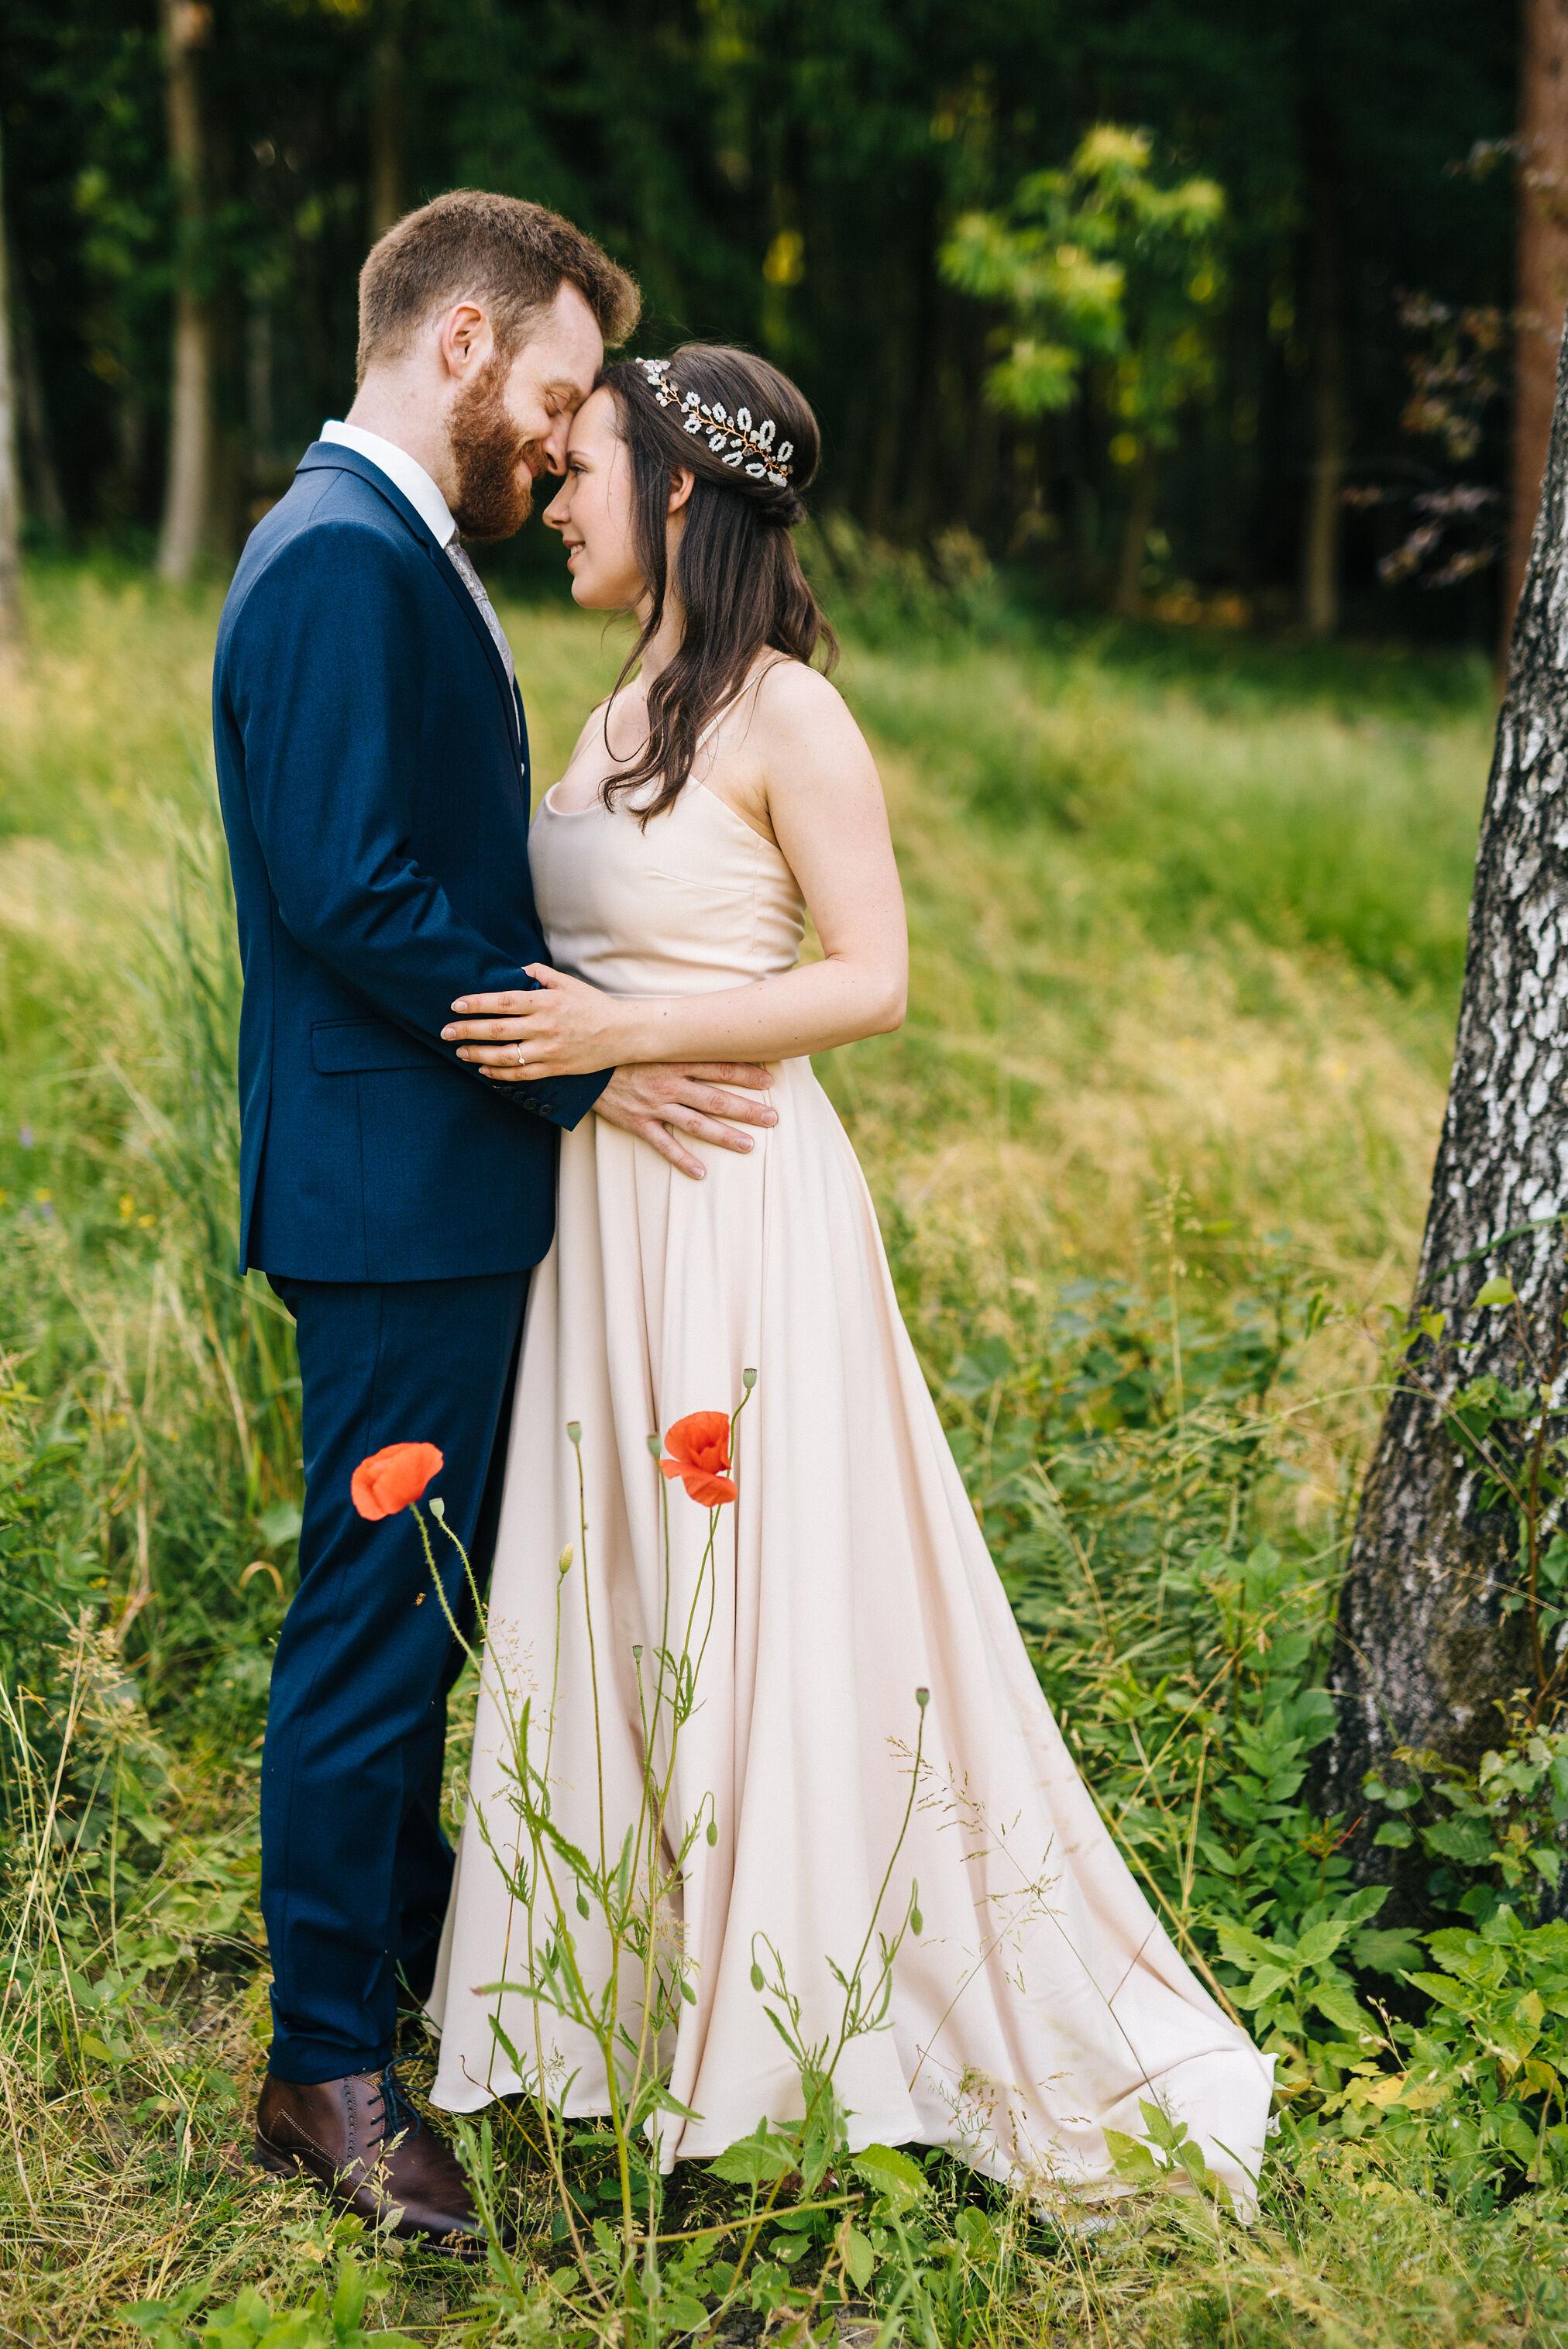 Hochzeit-Garten-Denoti-20.jpg